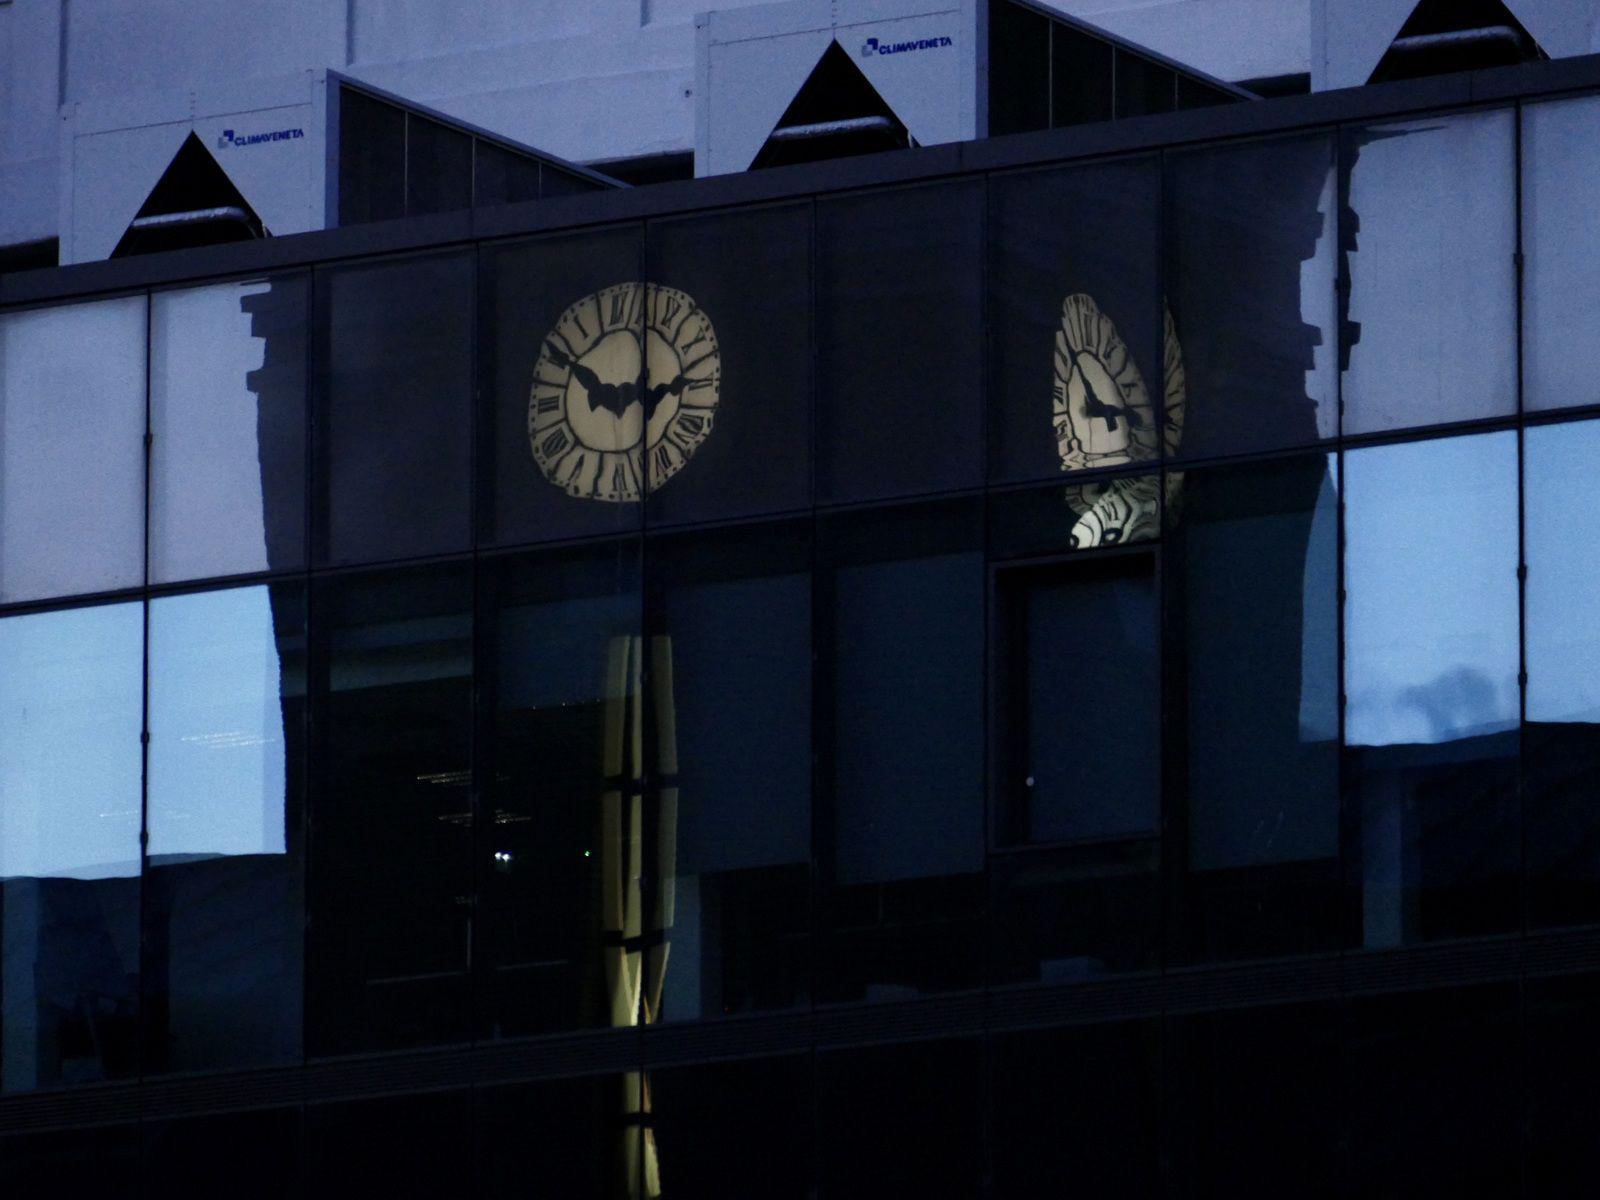 Visions nocturnes et diurnes par temps de confinement.